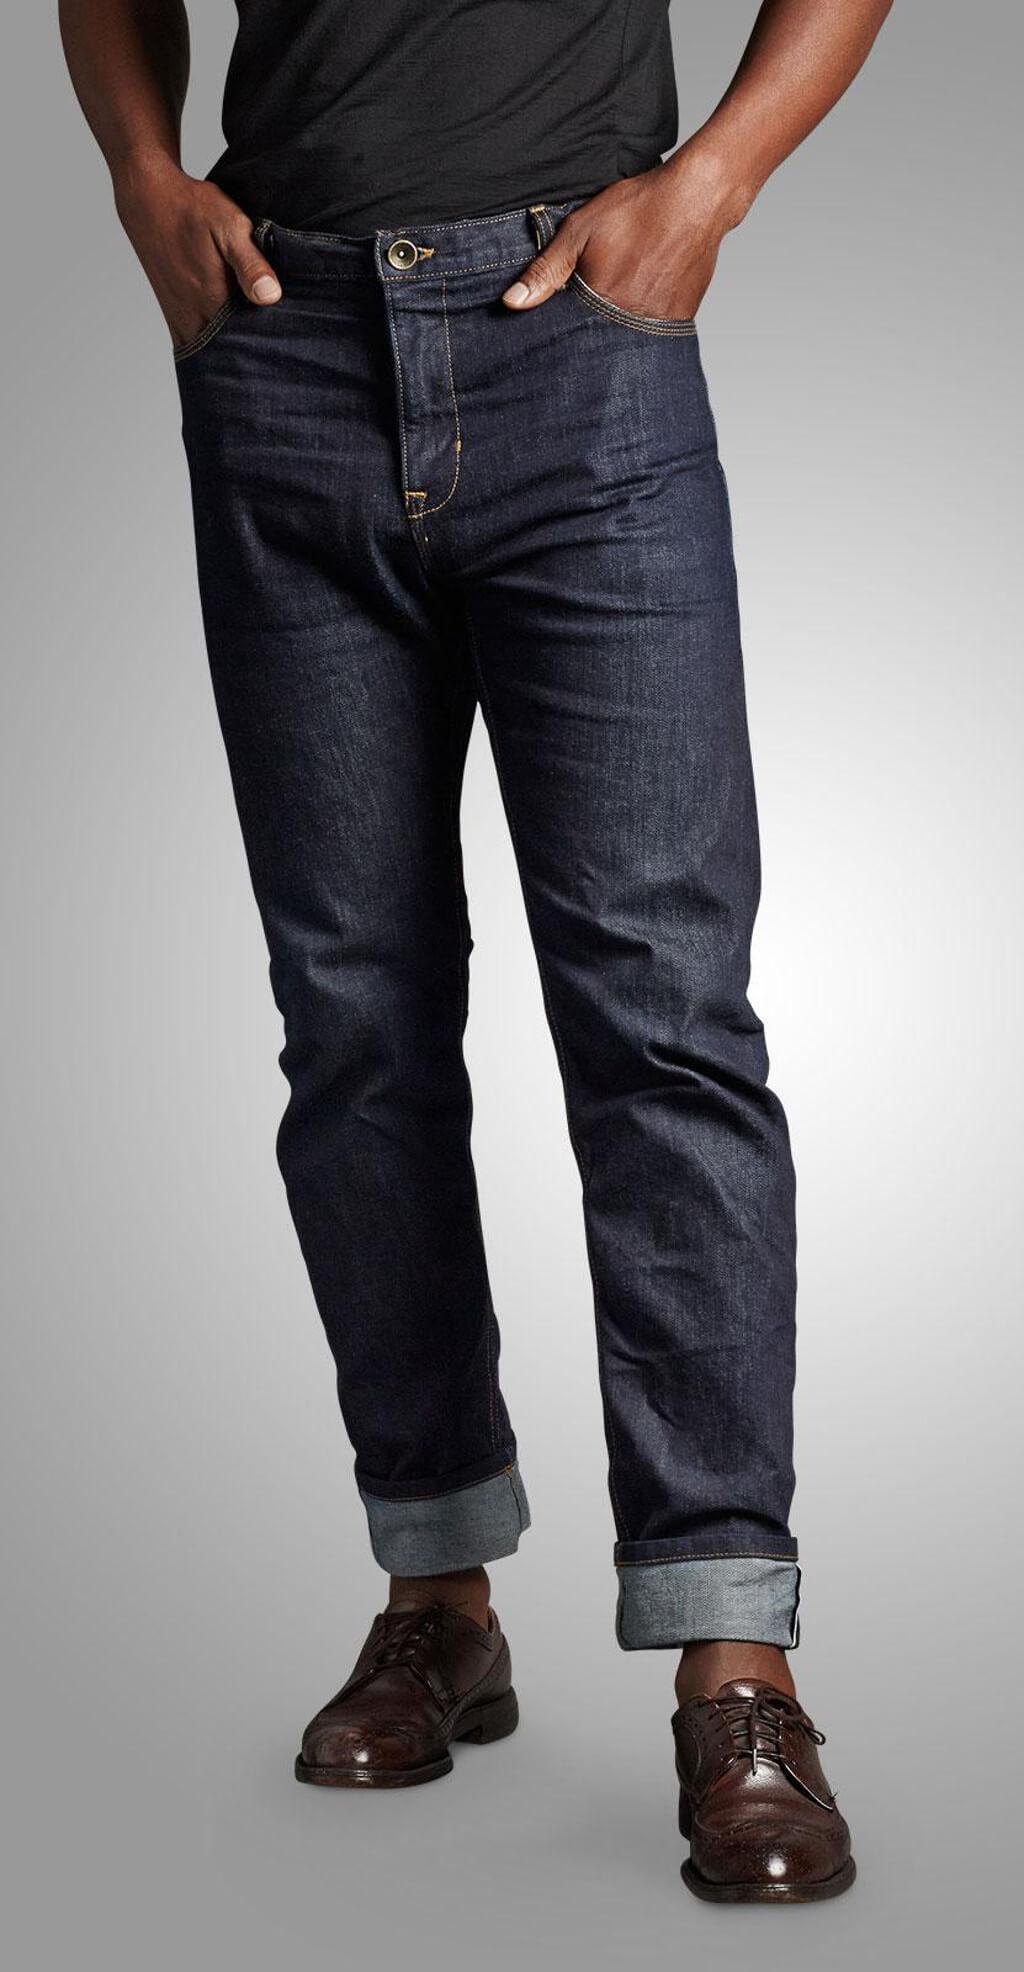 Men's Selvage Denim, Man wearing jeans